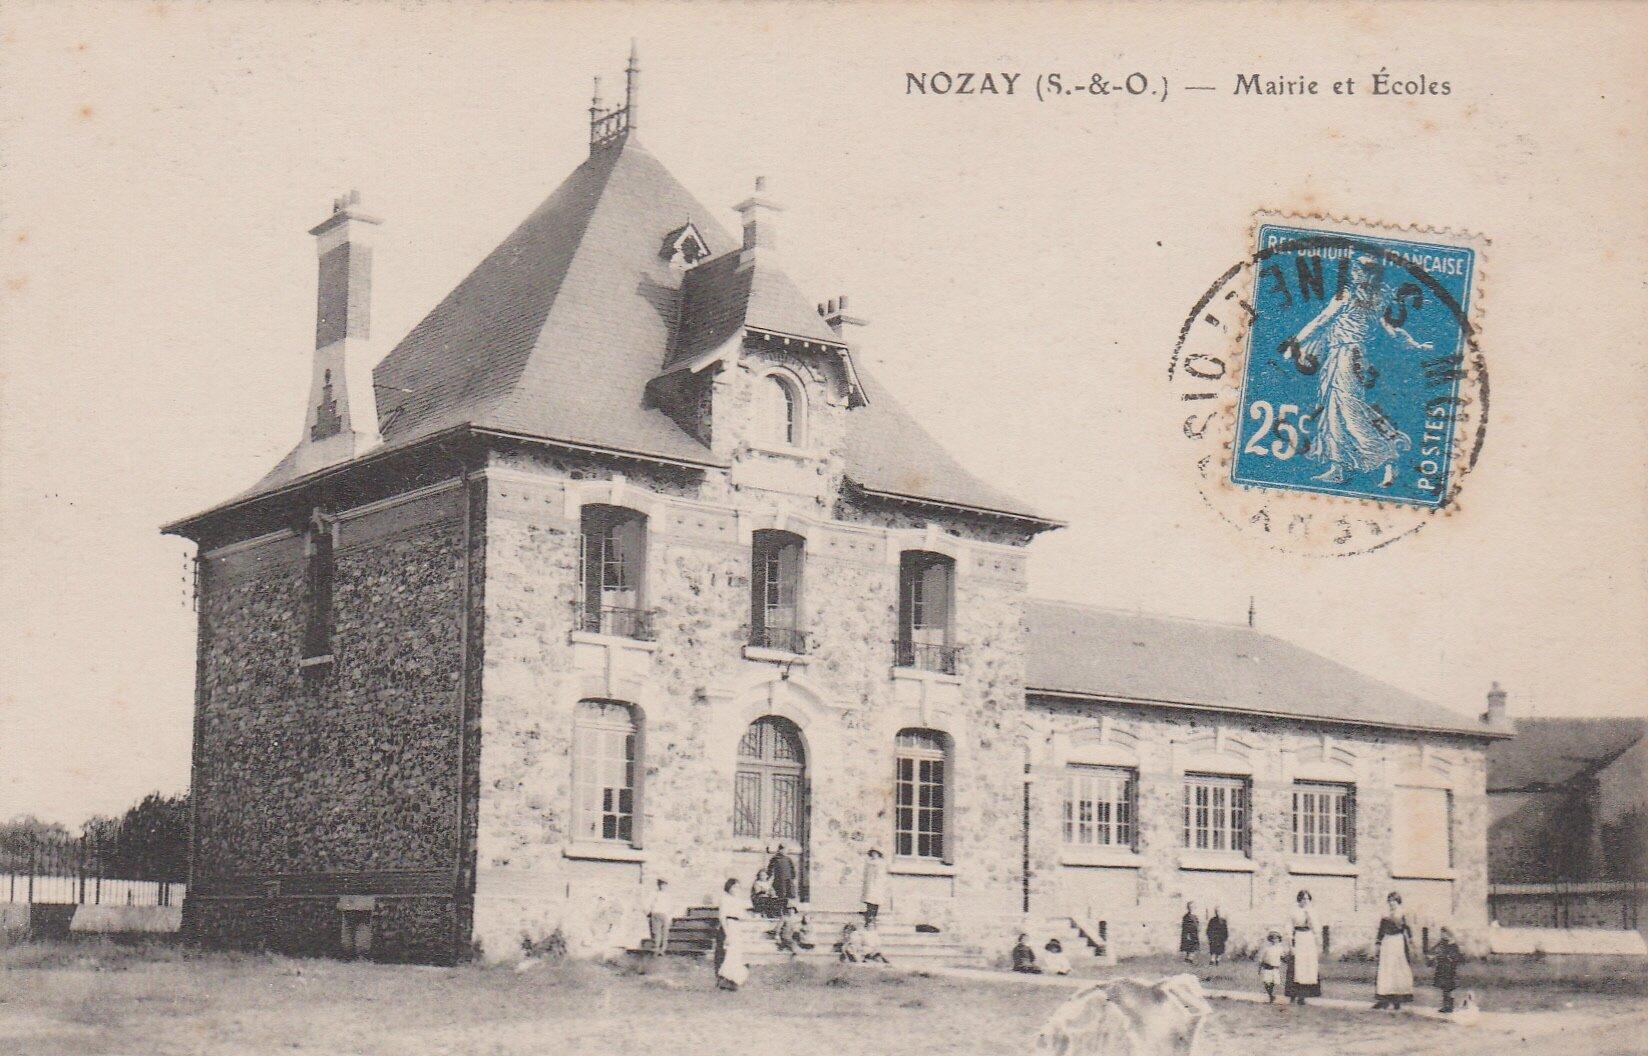 Nozay (S